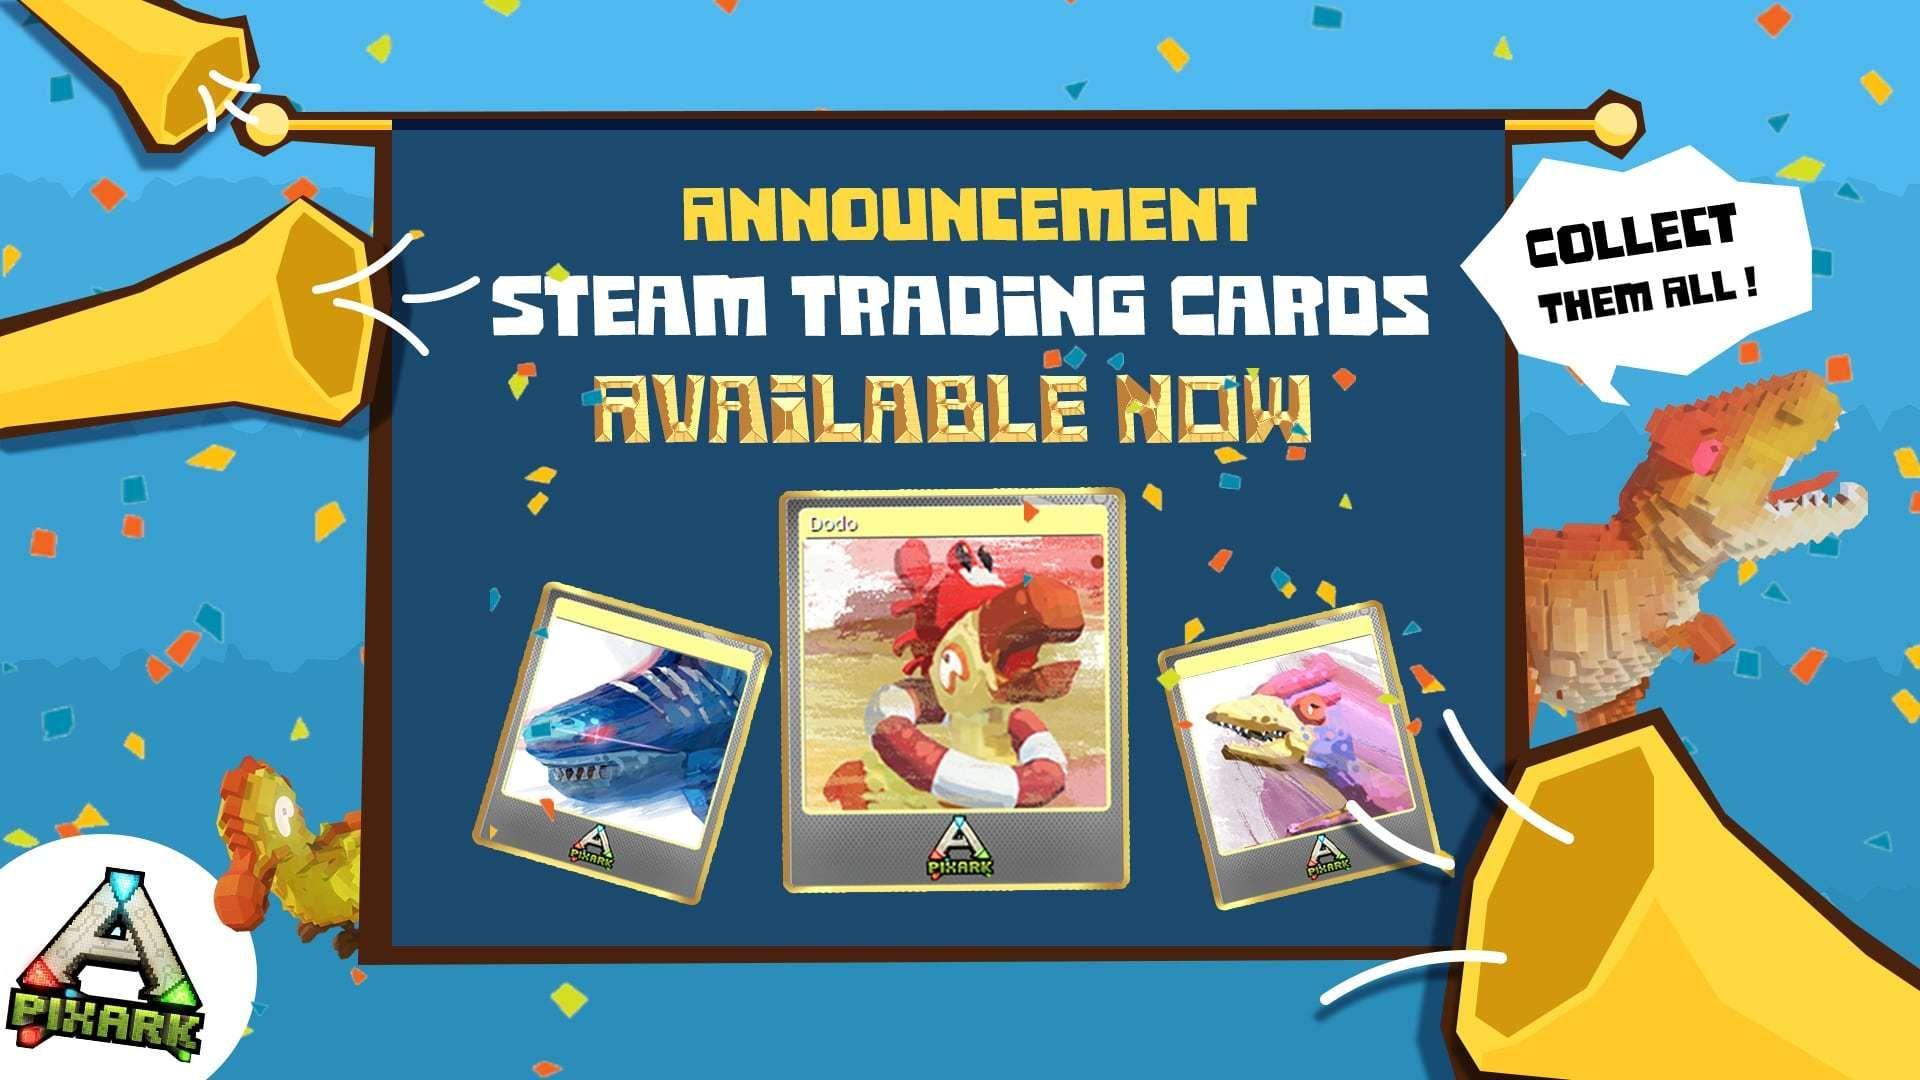 Доступны торговые карточки PixARK Steam!